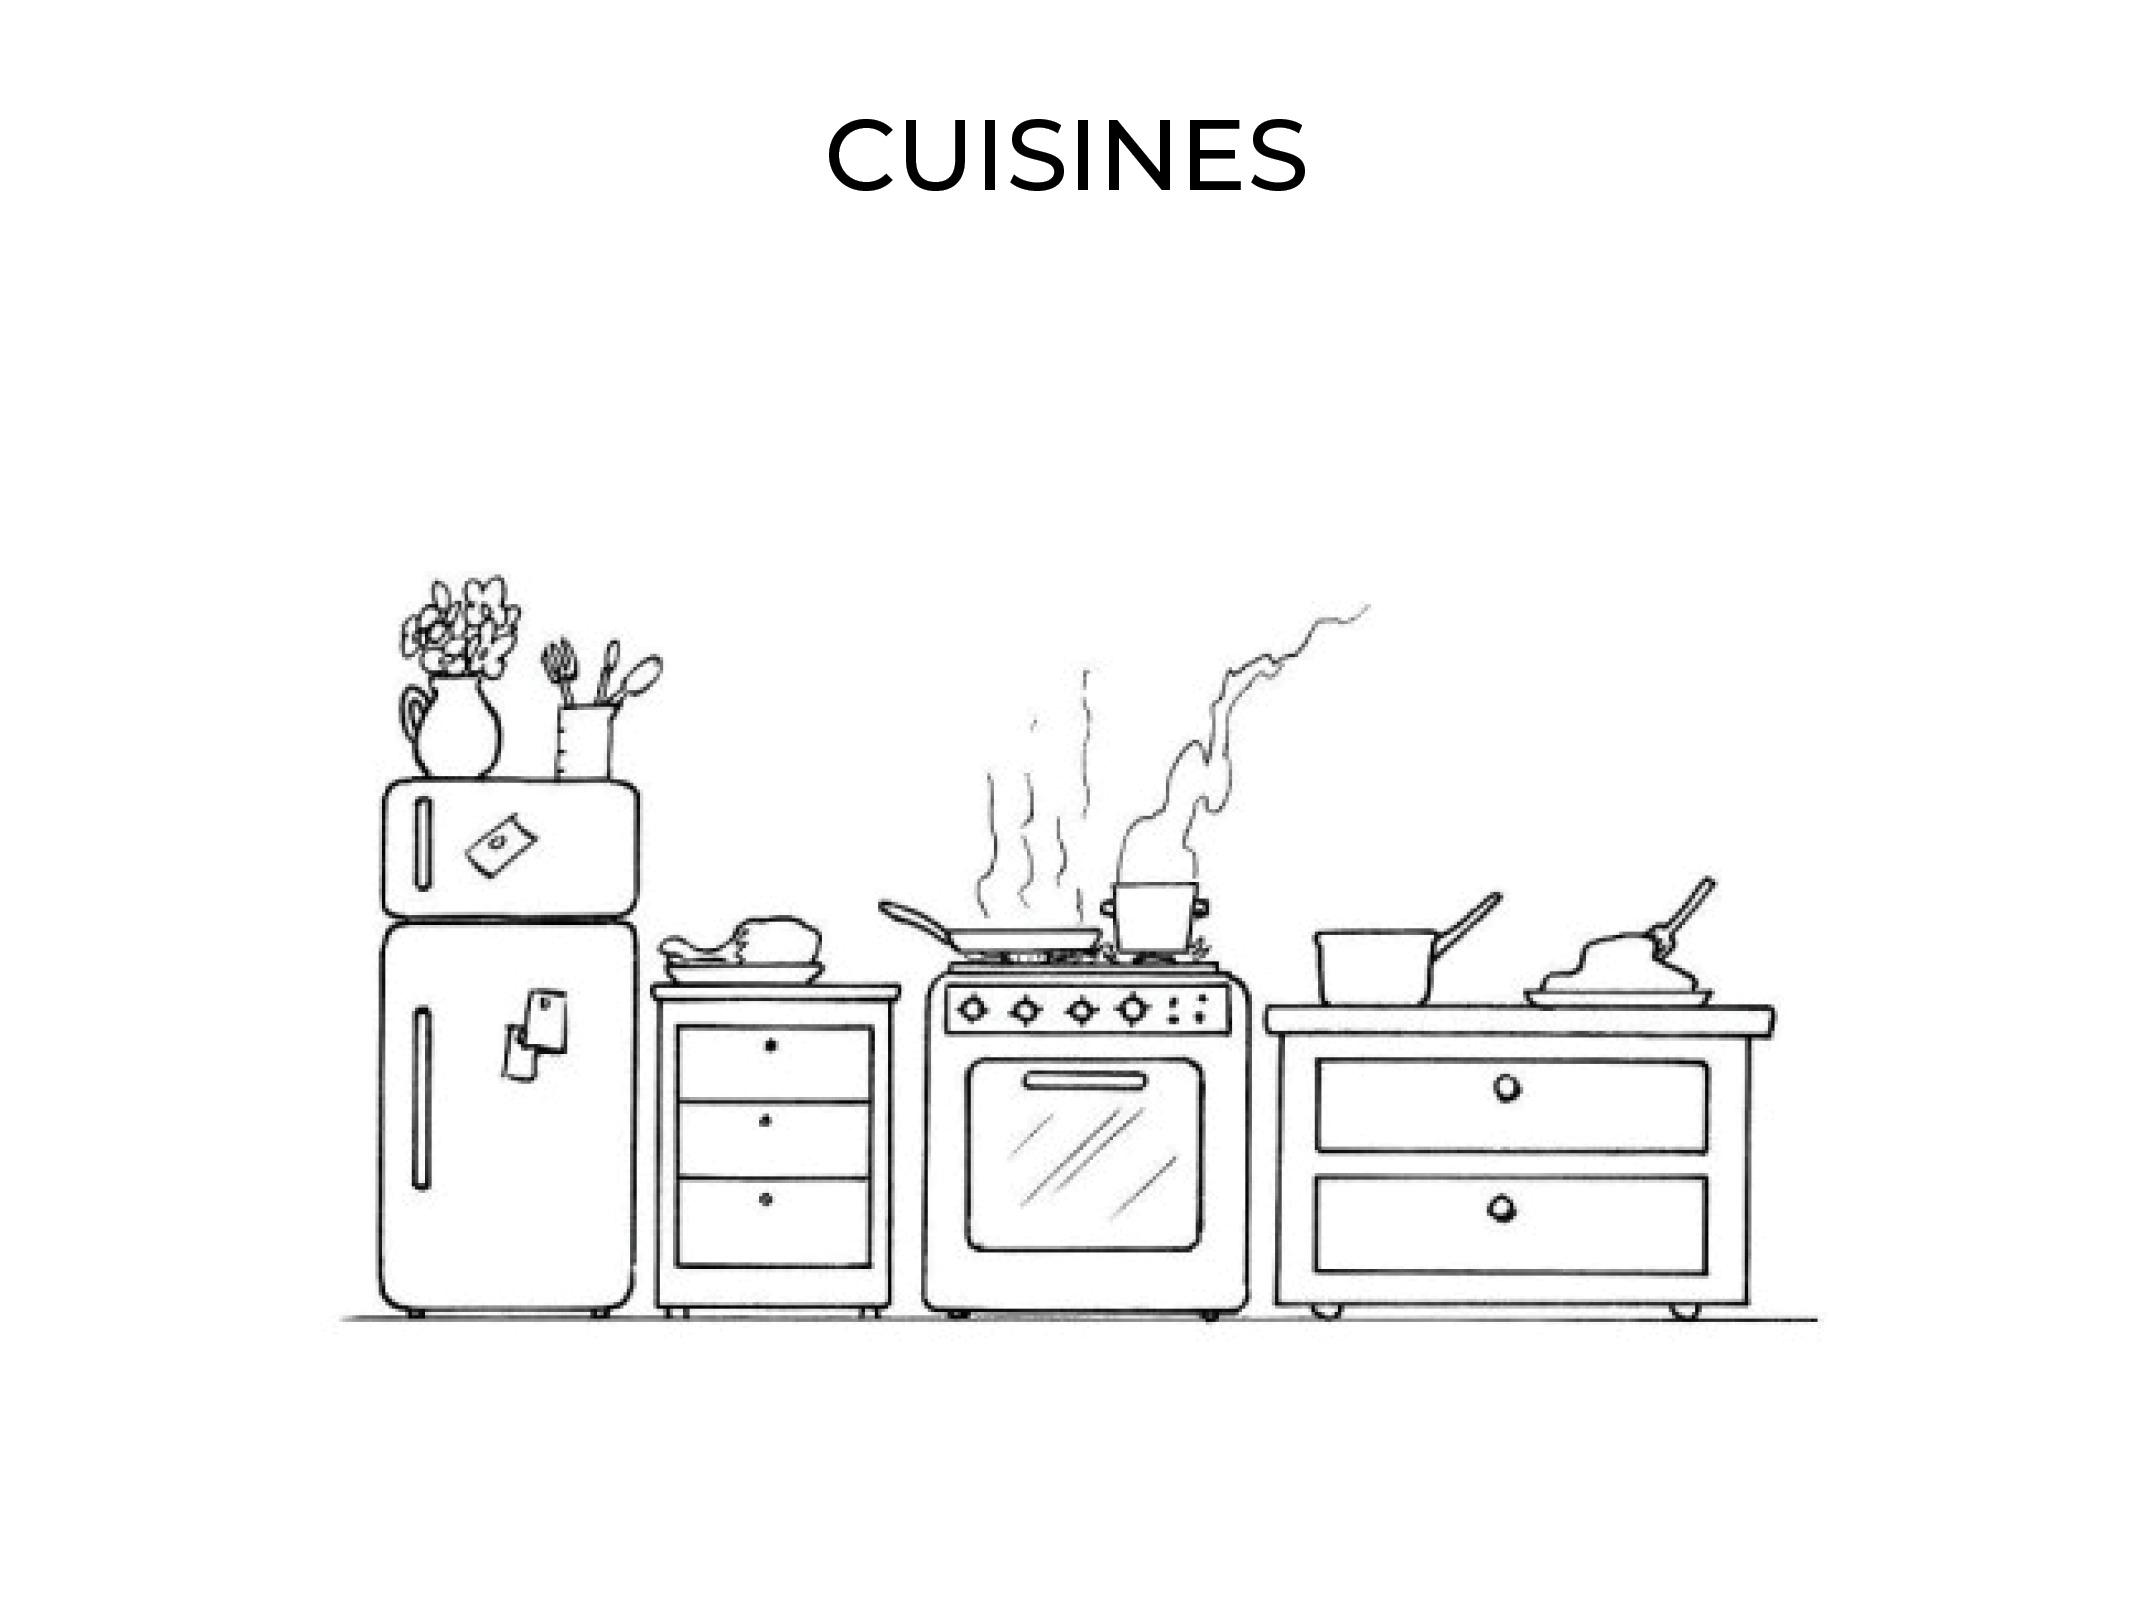 projets de création de cuisine